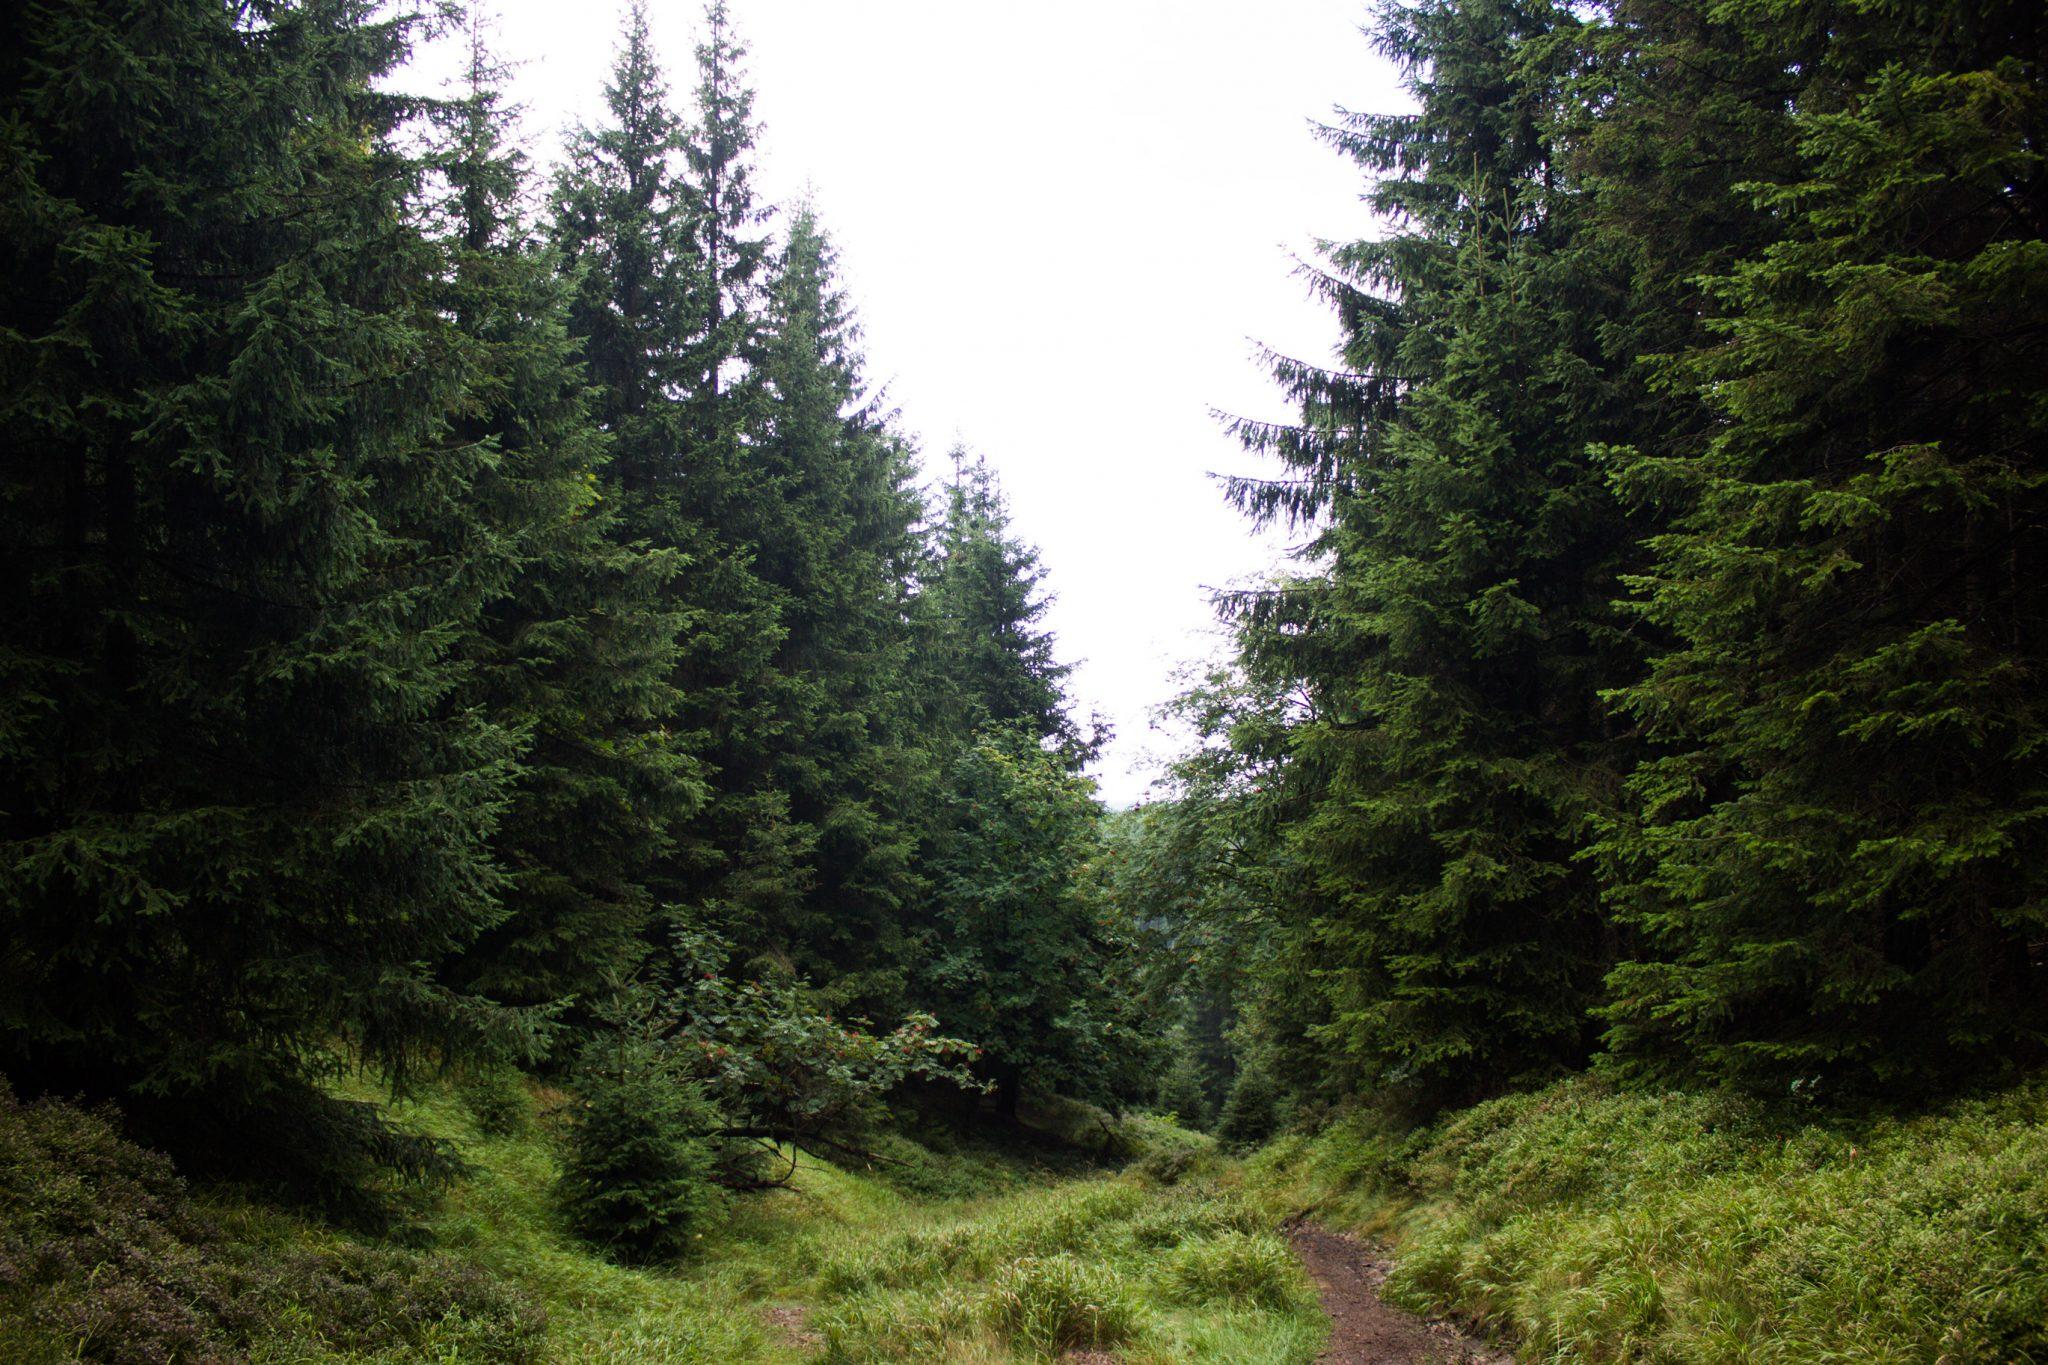 Großer Beerberg Schneekopf und Teufelskanzel, Gipfeltour Wanderung im Thüringer Wald, schöner Wanderweg auf schmalem Pfad durch Wald